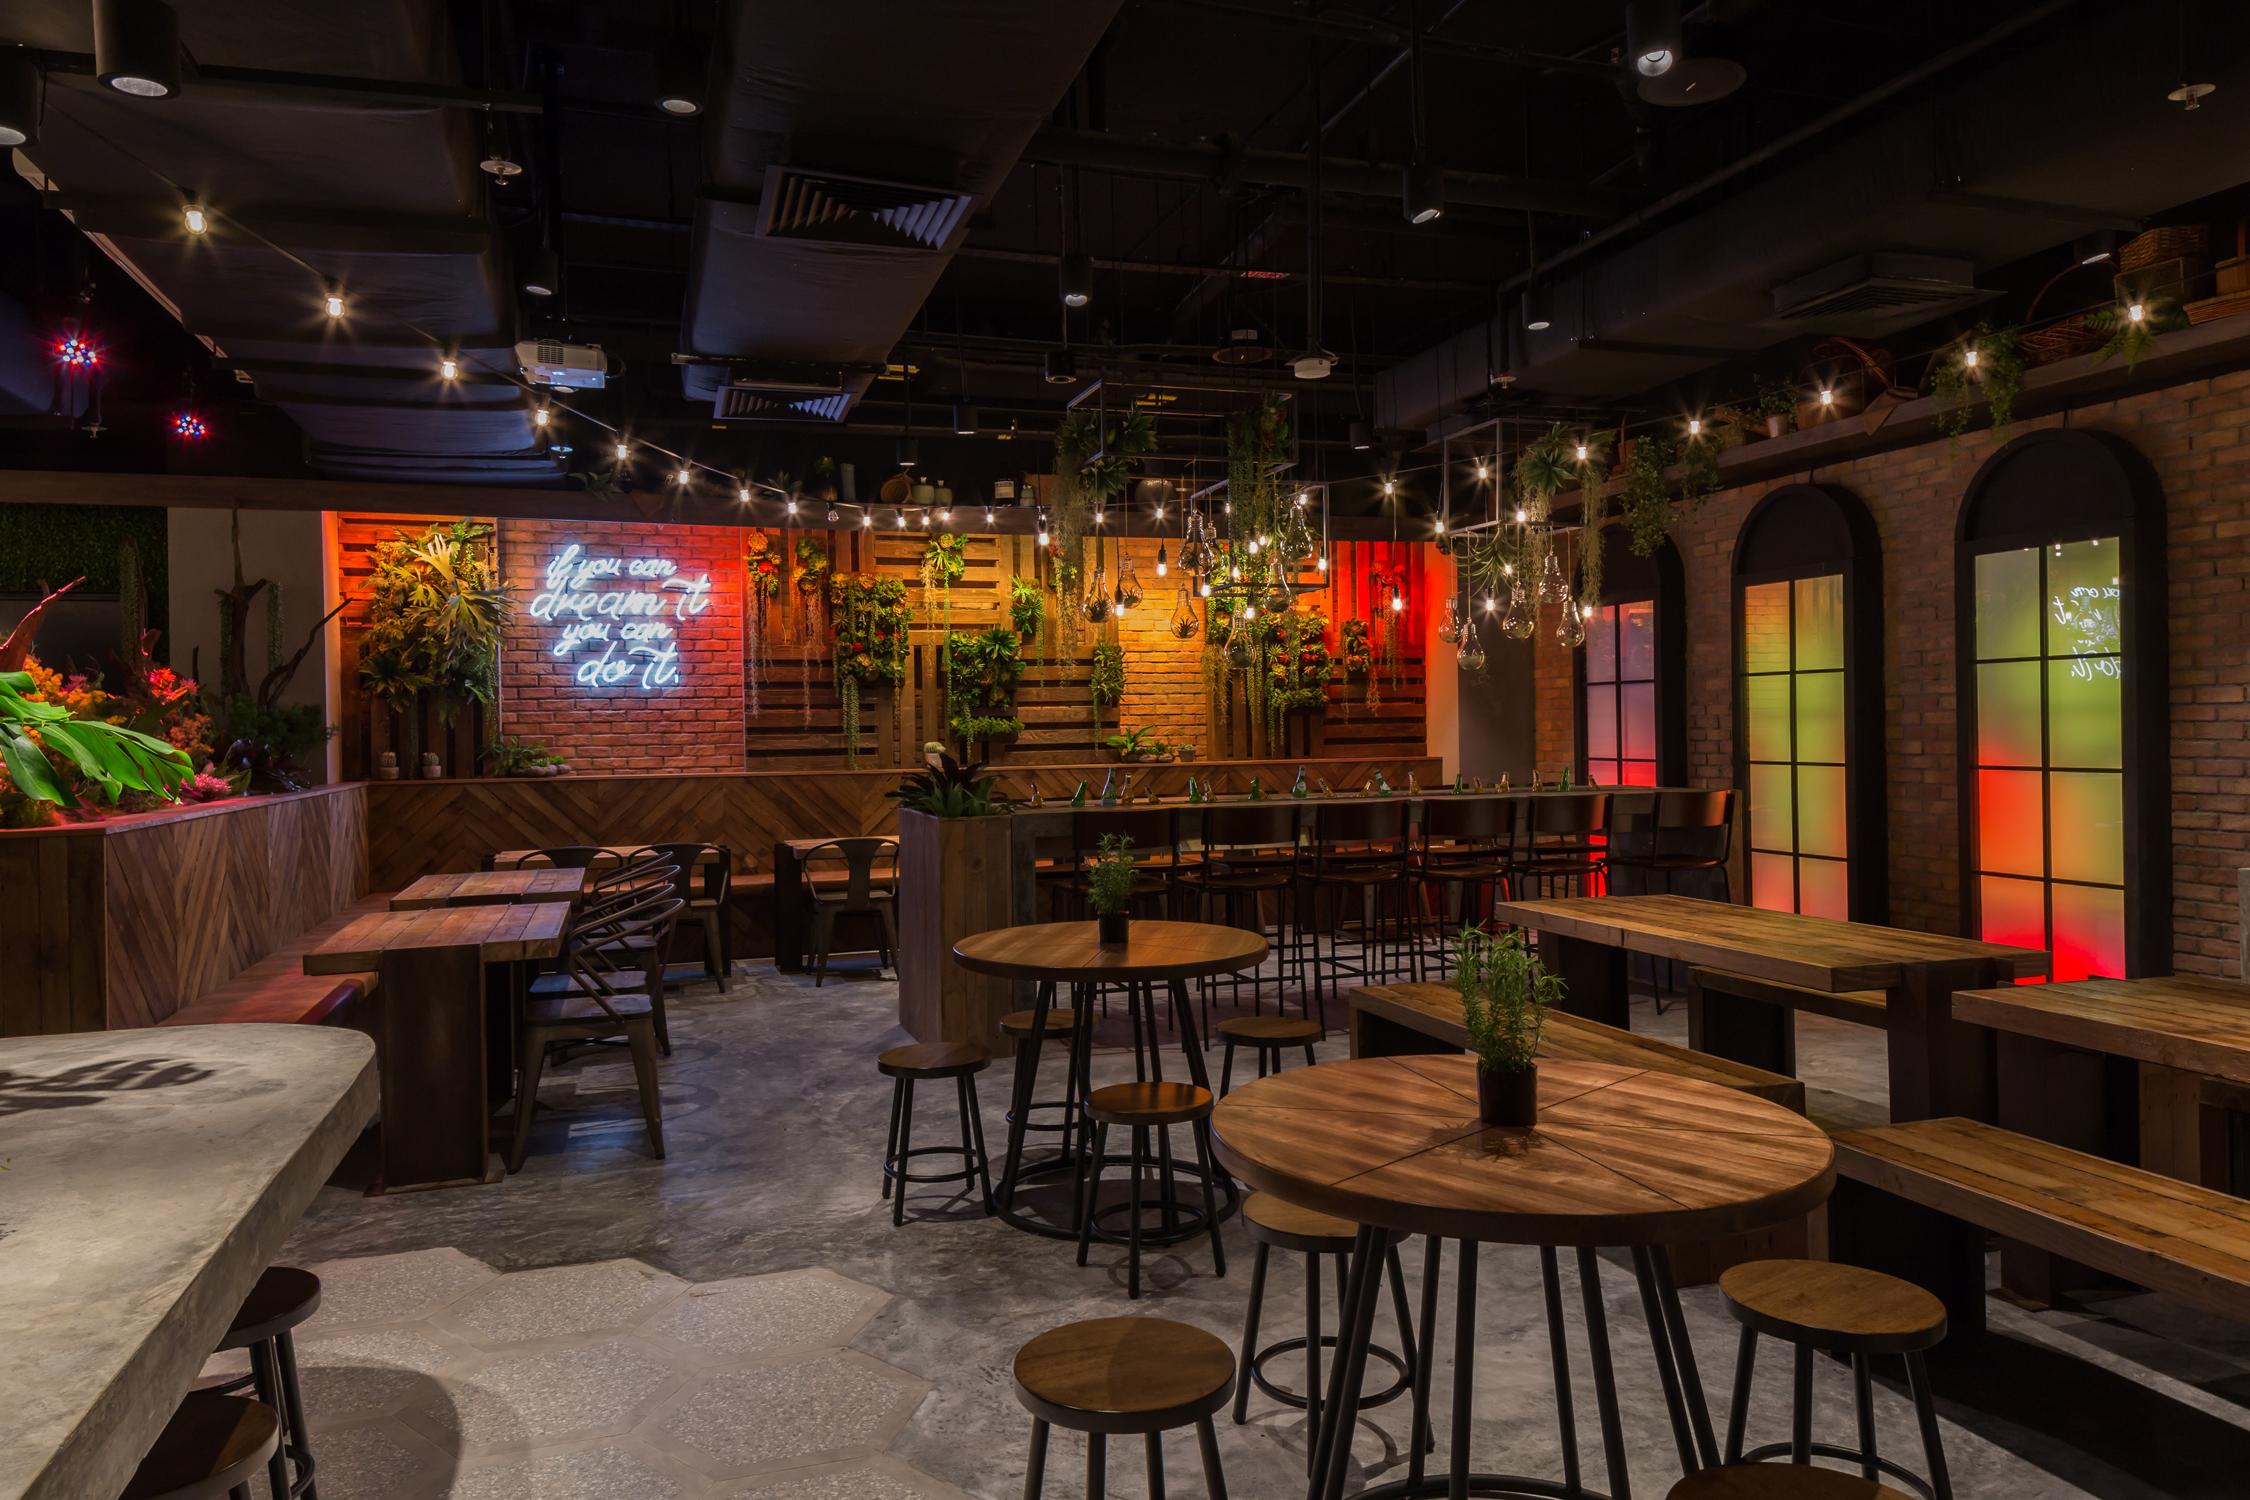 Interior of Picnic Food Park's Beer Garden